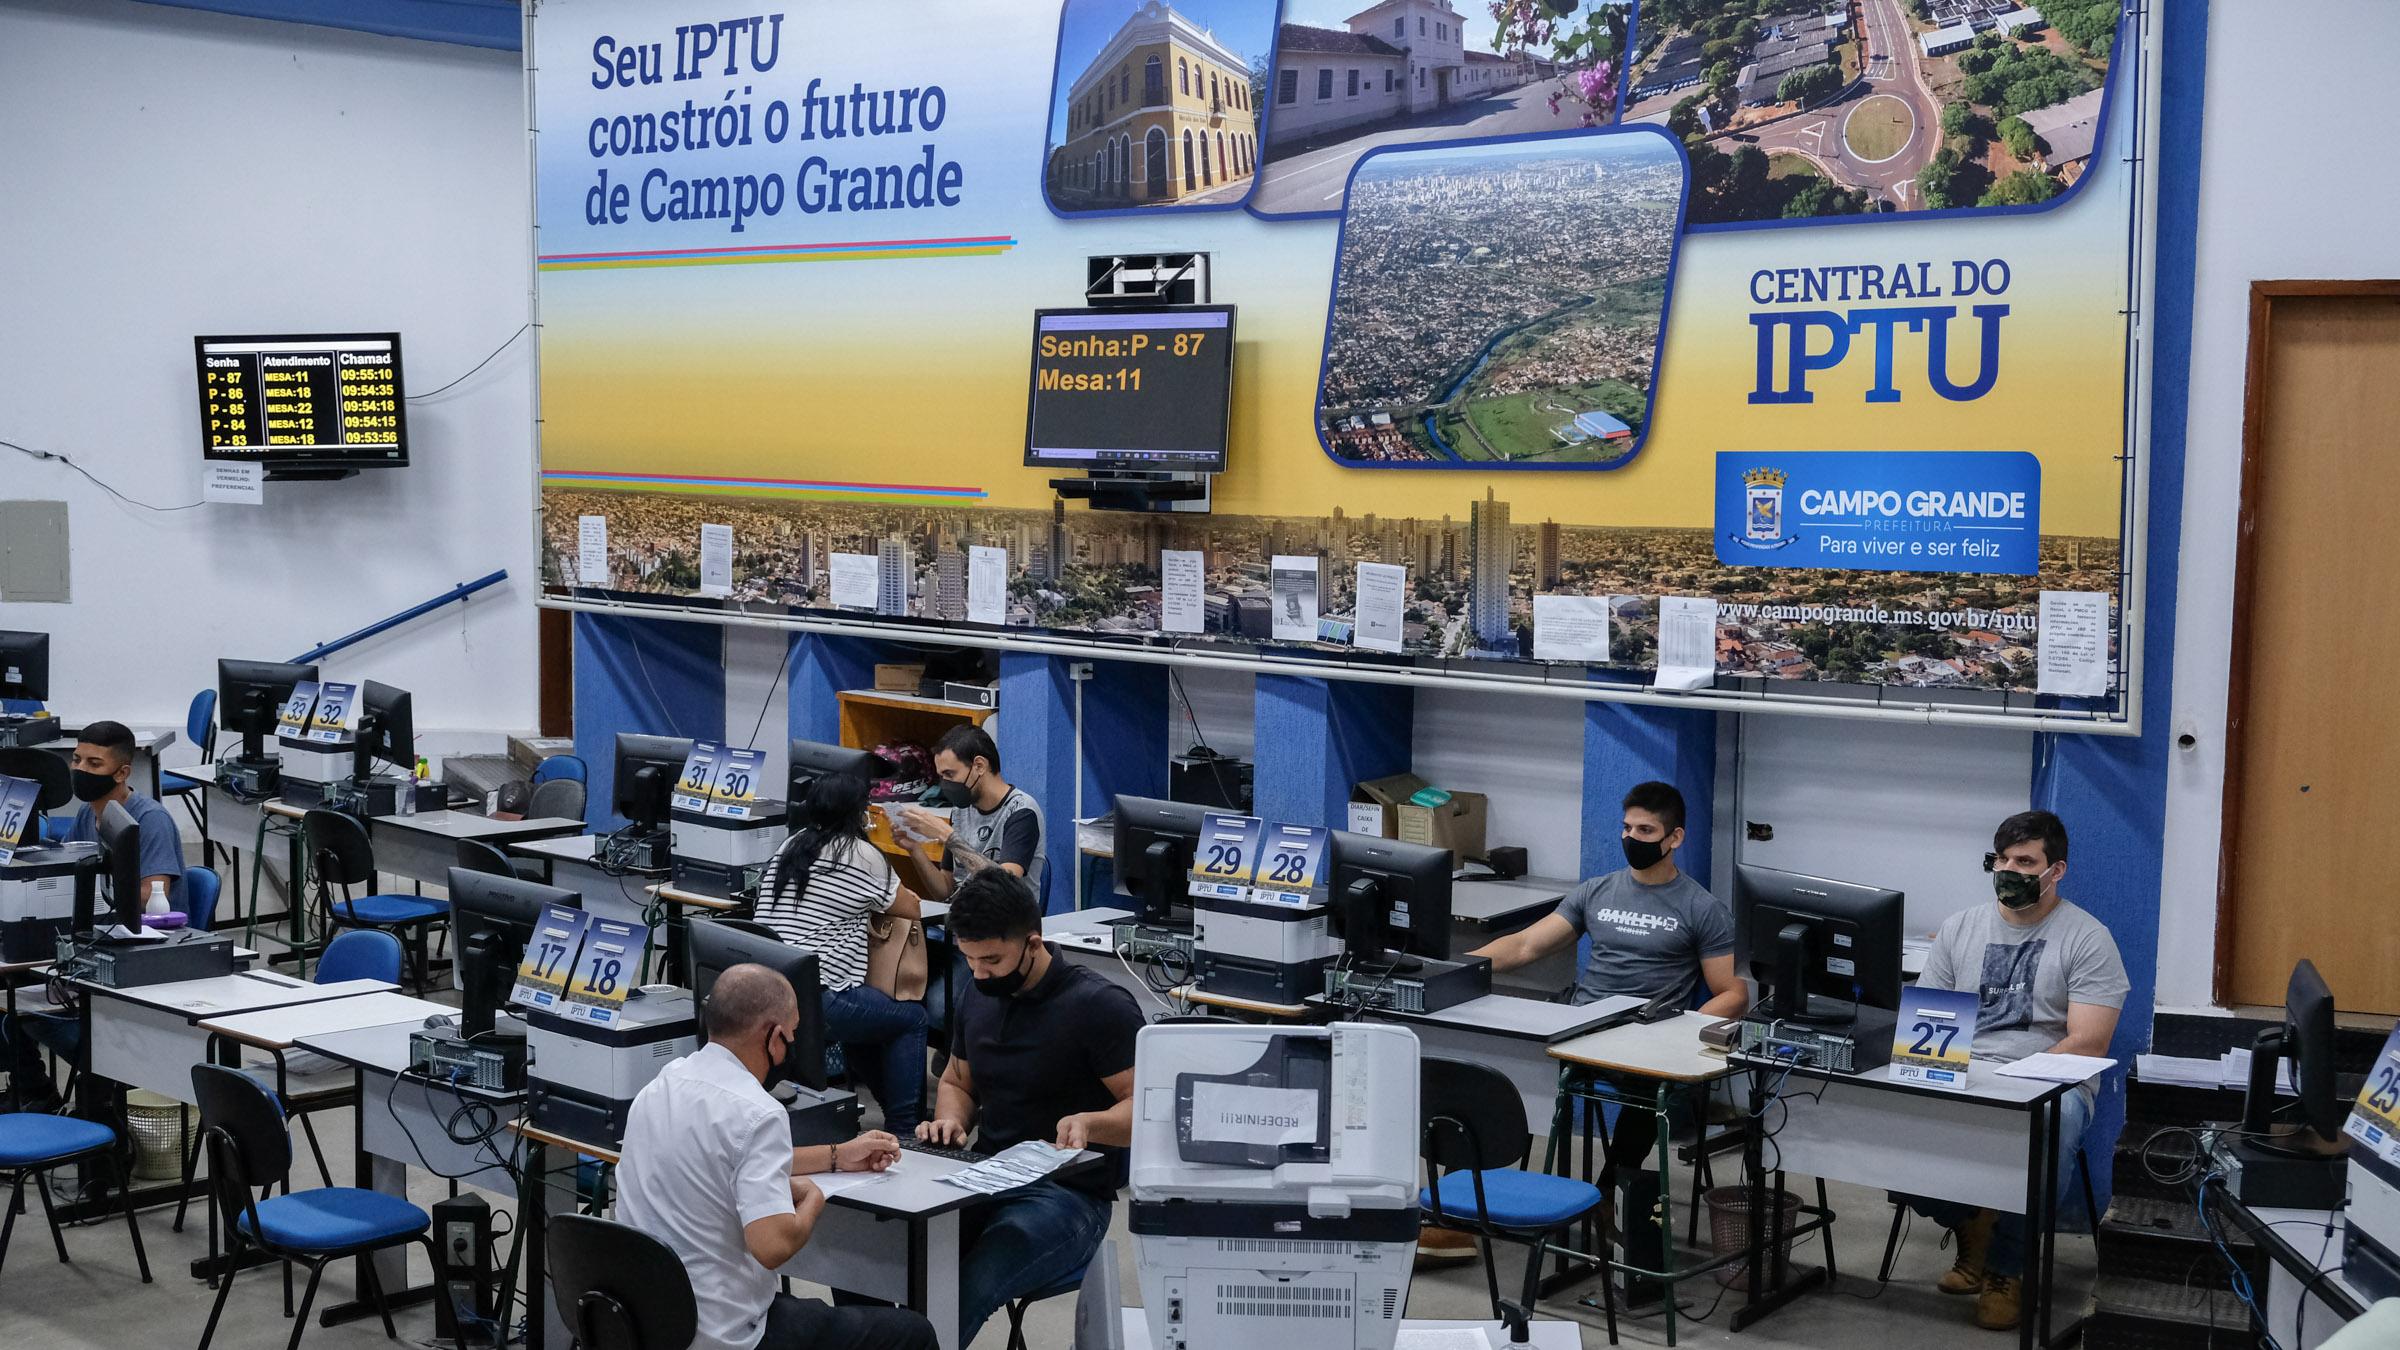 Contribuintes de Campo Grande podem aproveitar descontos de até 100% no Refis da saúde